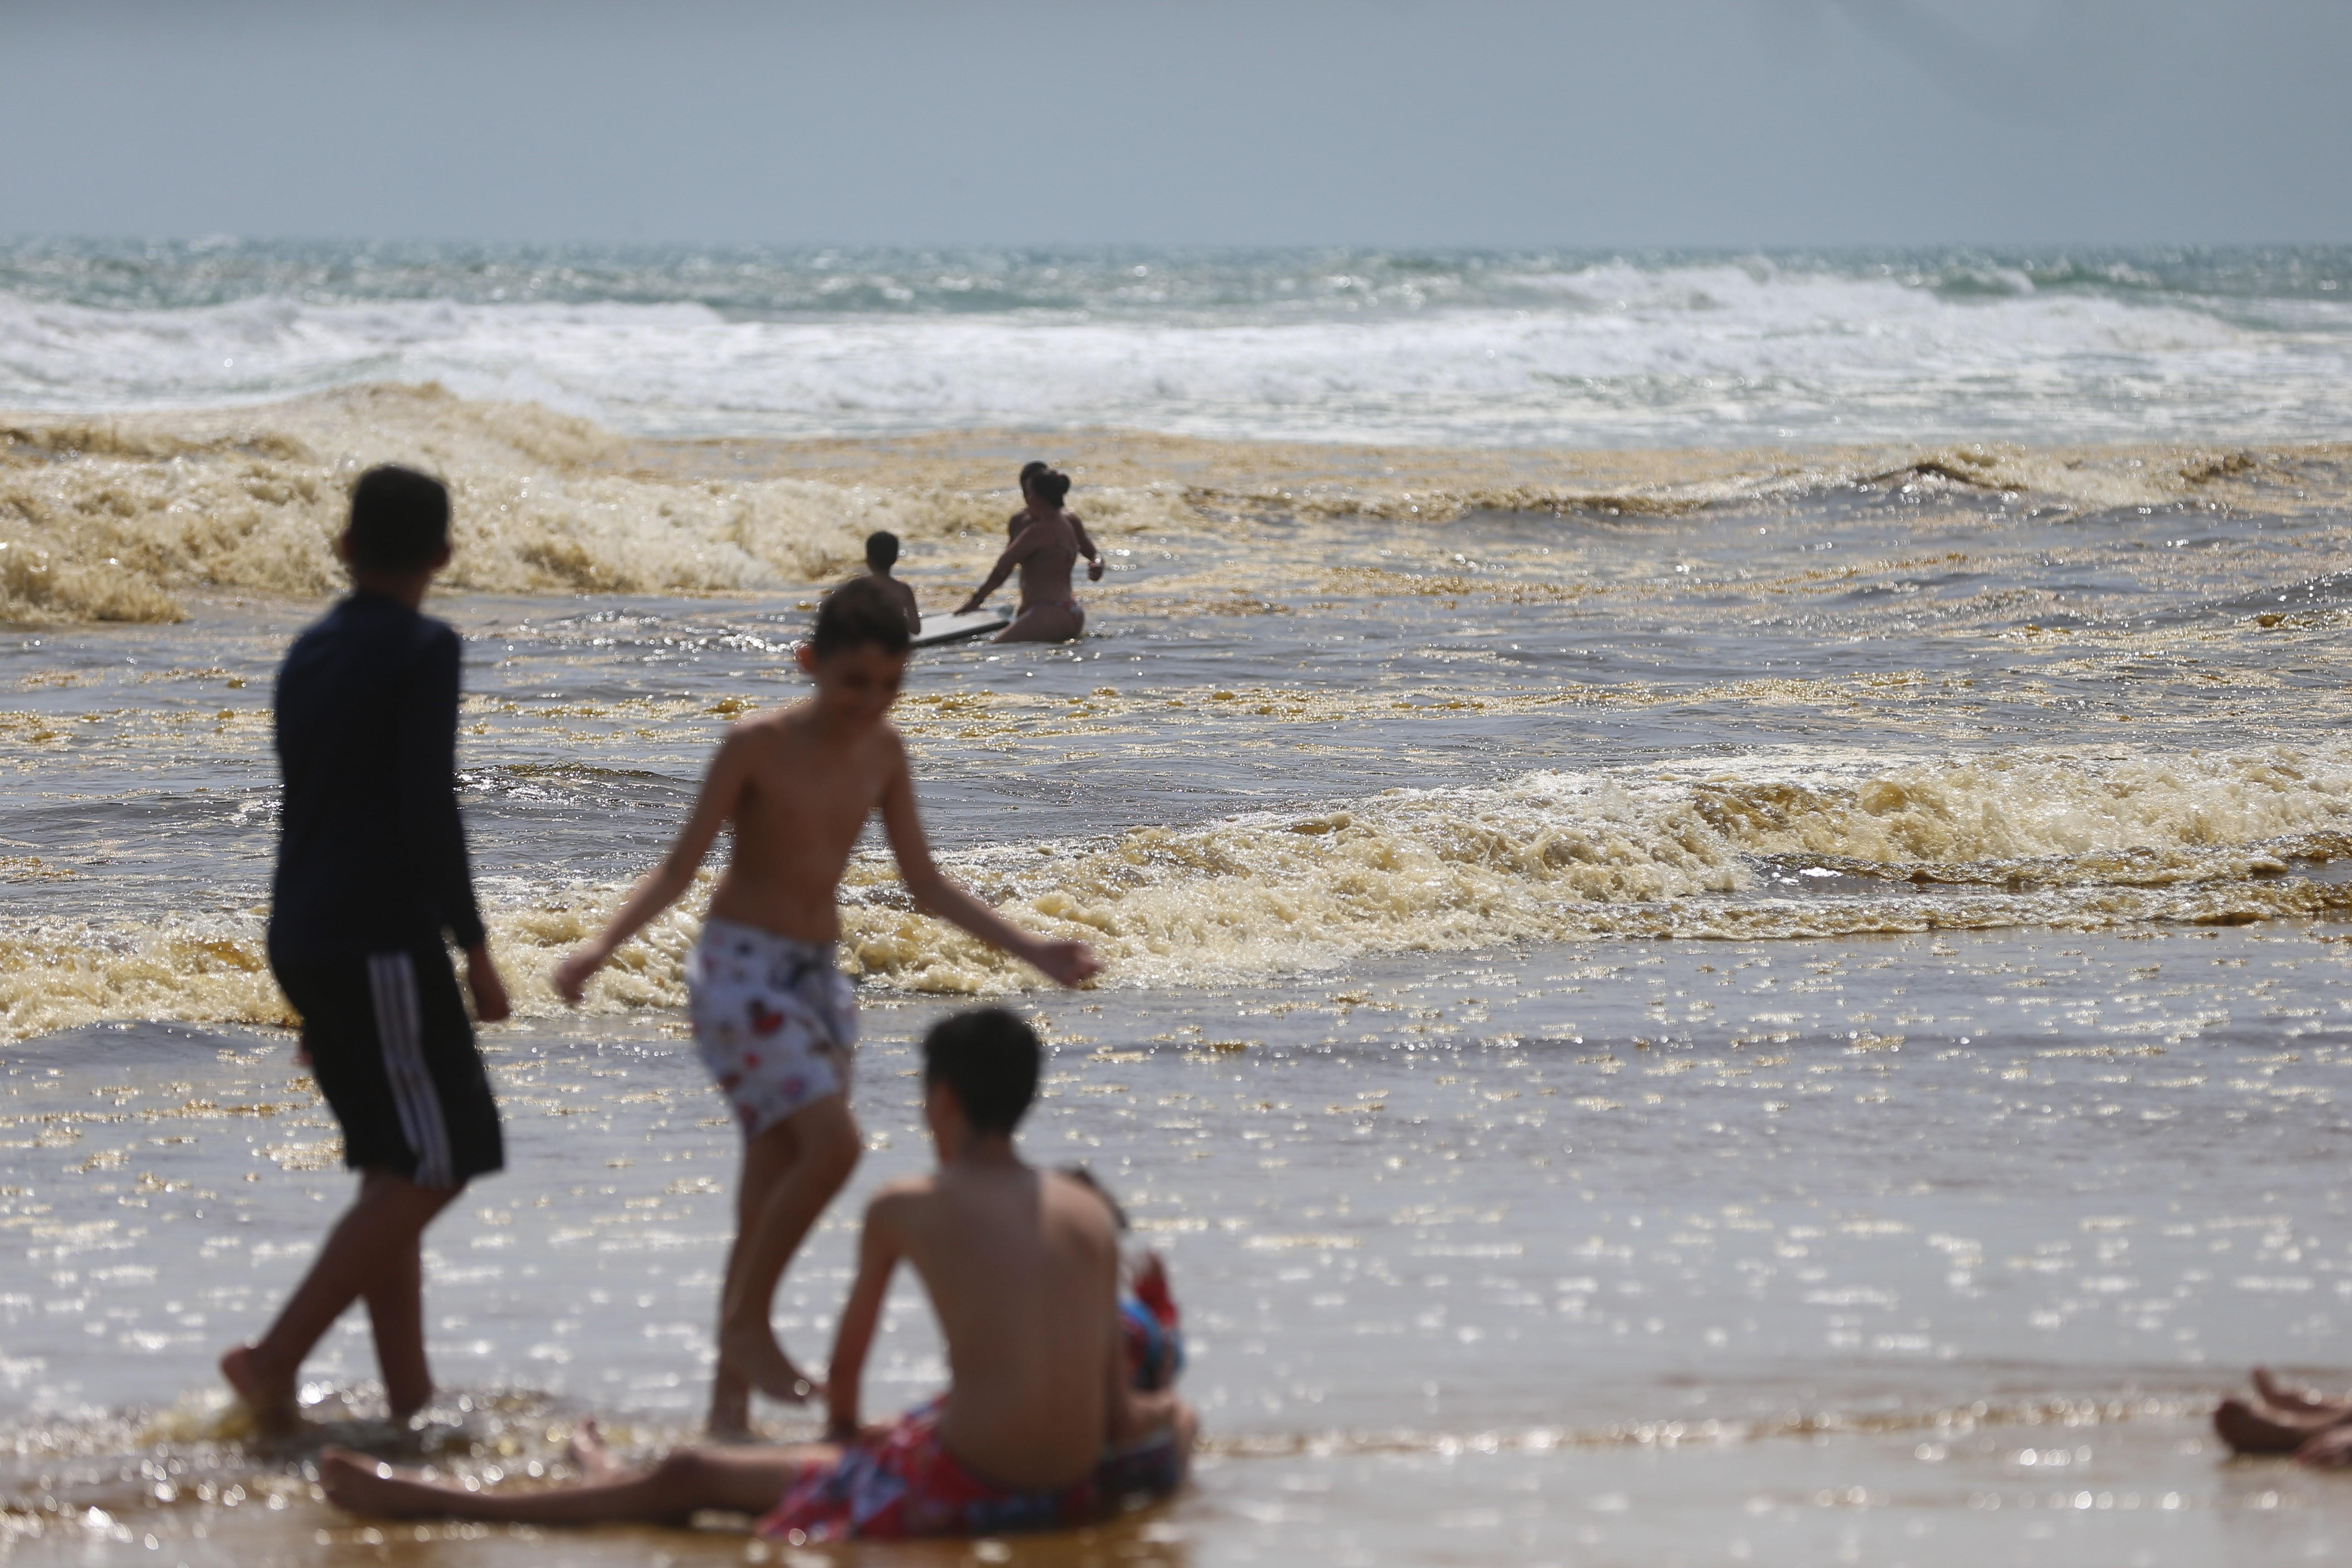 Fortaleza tem 19 trechos de praia próprios para banho neste fim de semana; confira o mapa